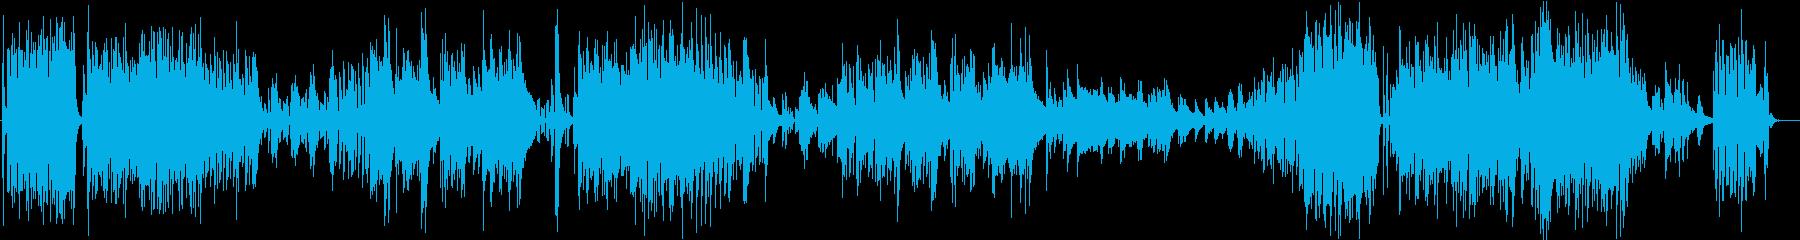 オシャレでかっこいいピアノJazz曲の再生済みの波形